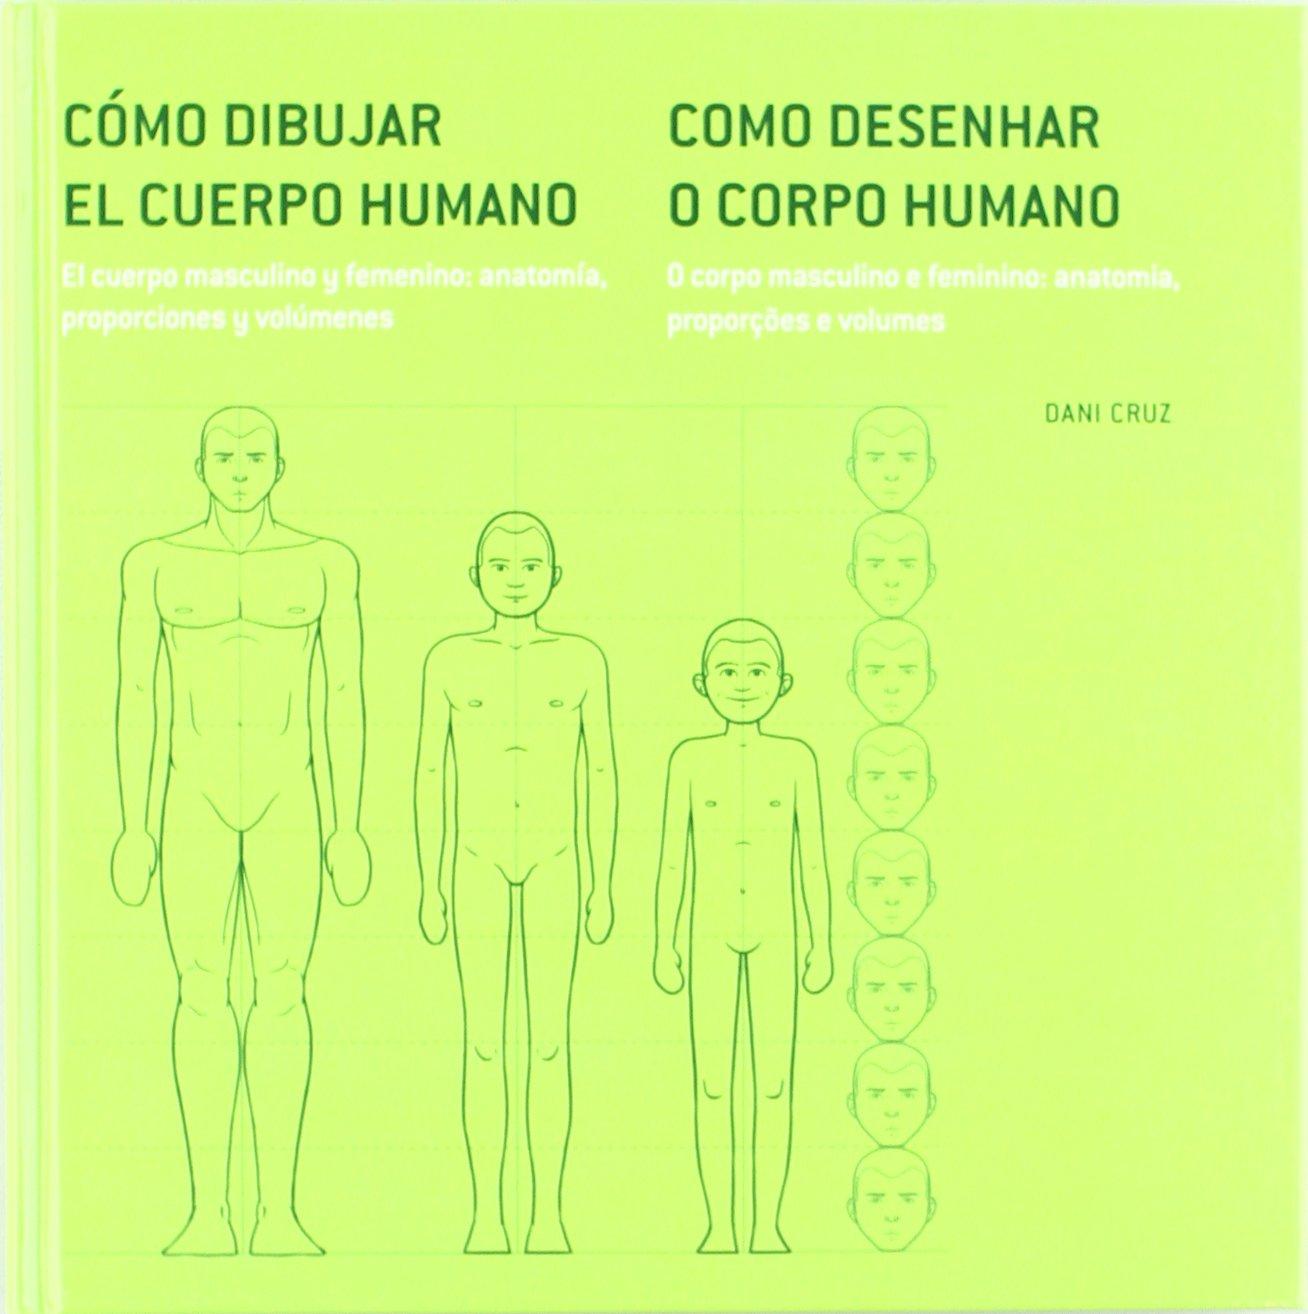 CÓMO DIBUJAR EL CUERPO HUMANO EL CUERPO MASCULINO Y FEMENINO ...